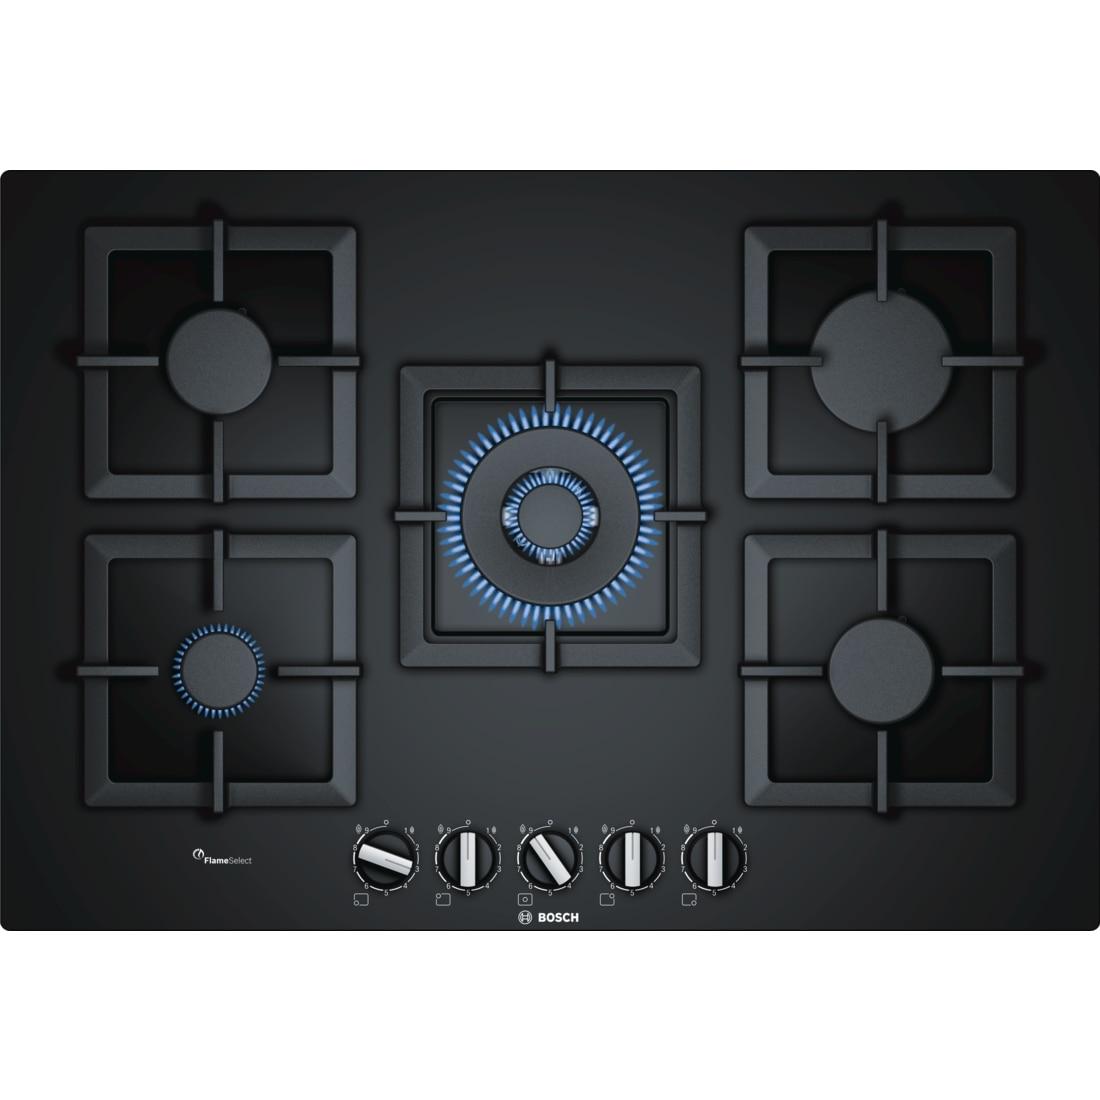 Fotografie Plita incorporabila Bosch PPQ7A6B20, gas, 5 arzatoare, Arzator WOK, Gratare fonta, 75 cm, Sticla neagra